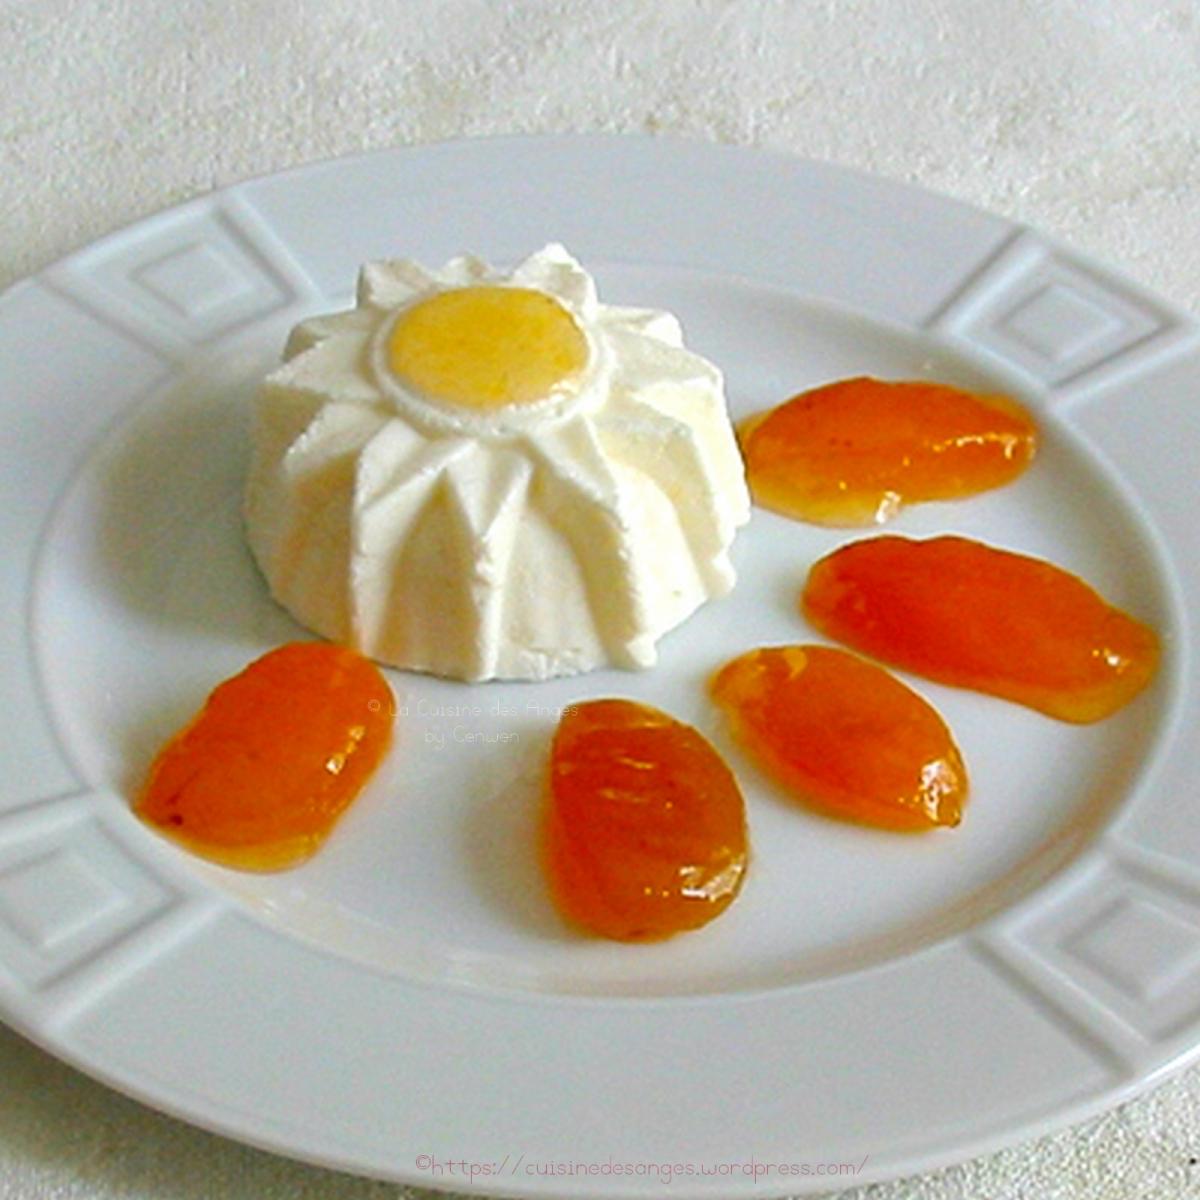 blanc manger au fromage blanc et confiture d abricots maison la cuisine des anges. Black Bedroom Furniture Sets. Home Design Ideas